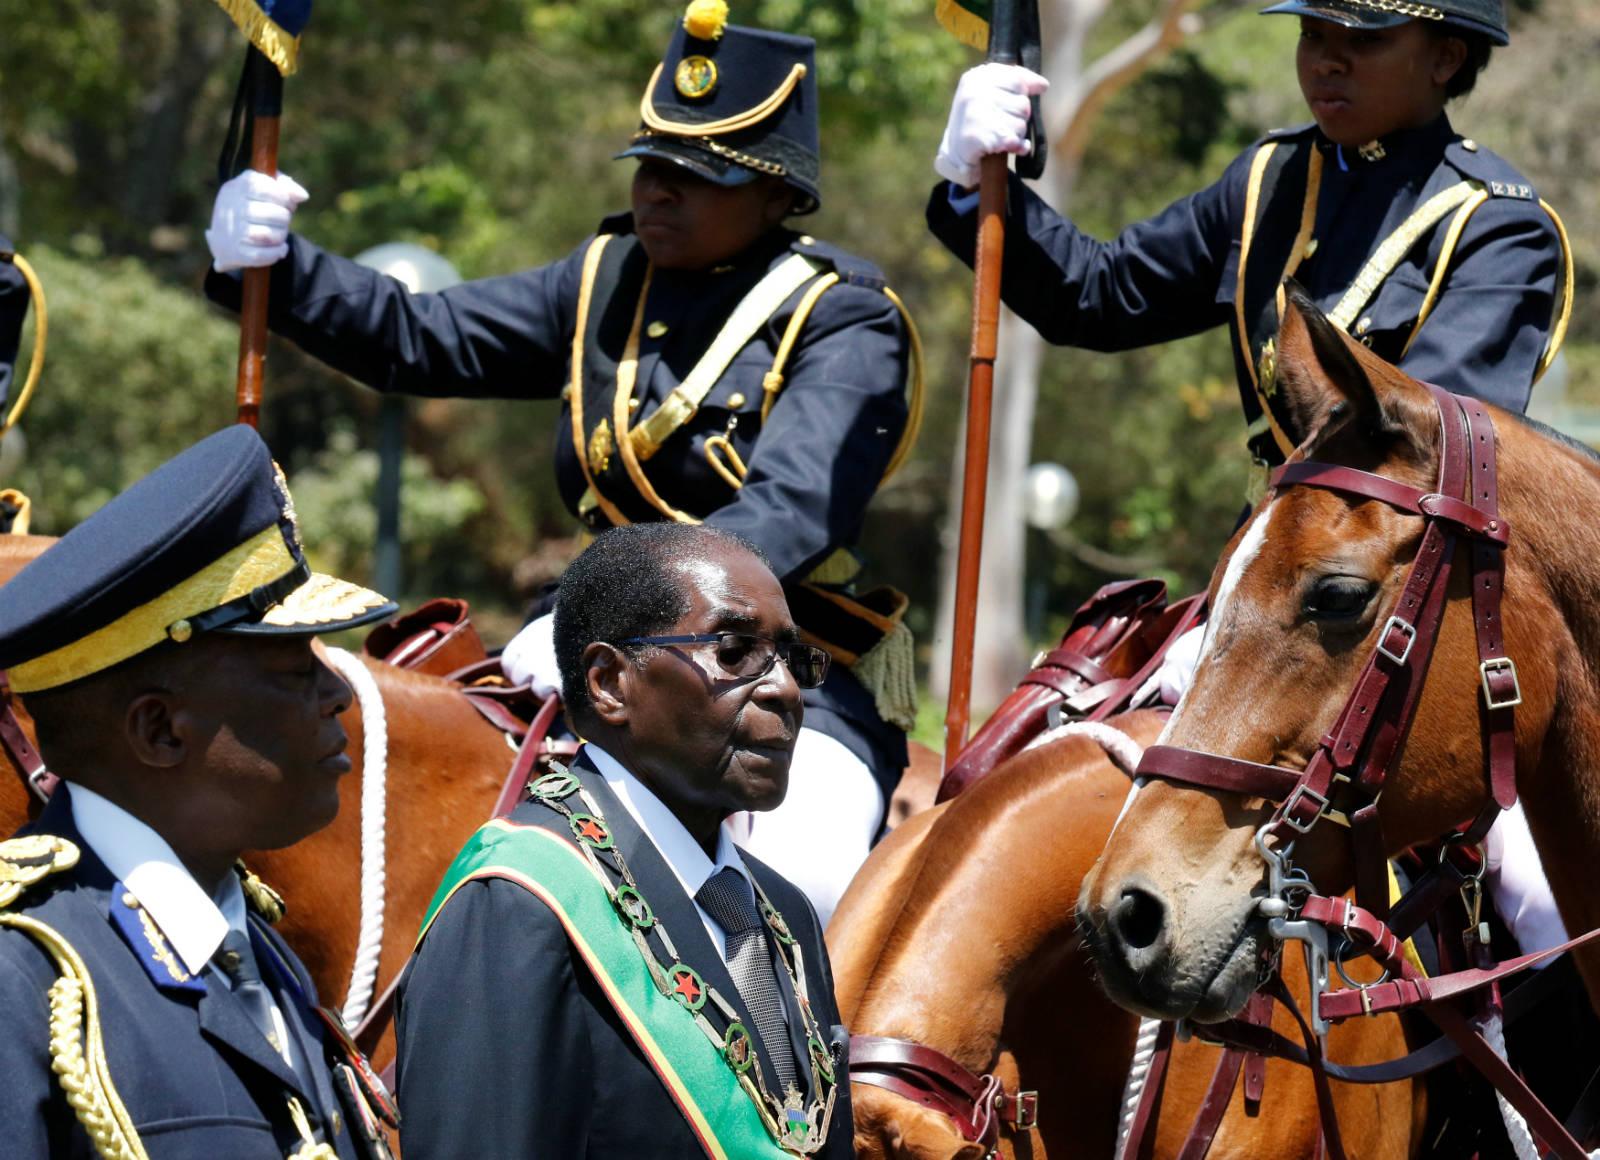 政治及經濟前景未明,津巴布韋國民最信任的還是把錢留在身上,大多國民囤積外幣,或將之帶到國外,致使津國無現金可用。 圖片來源:路透社